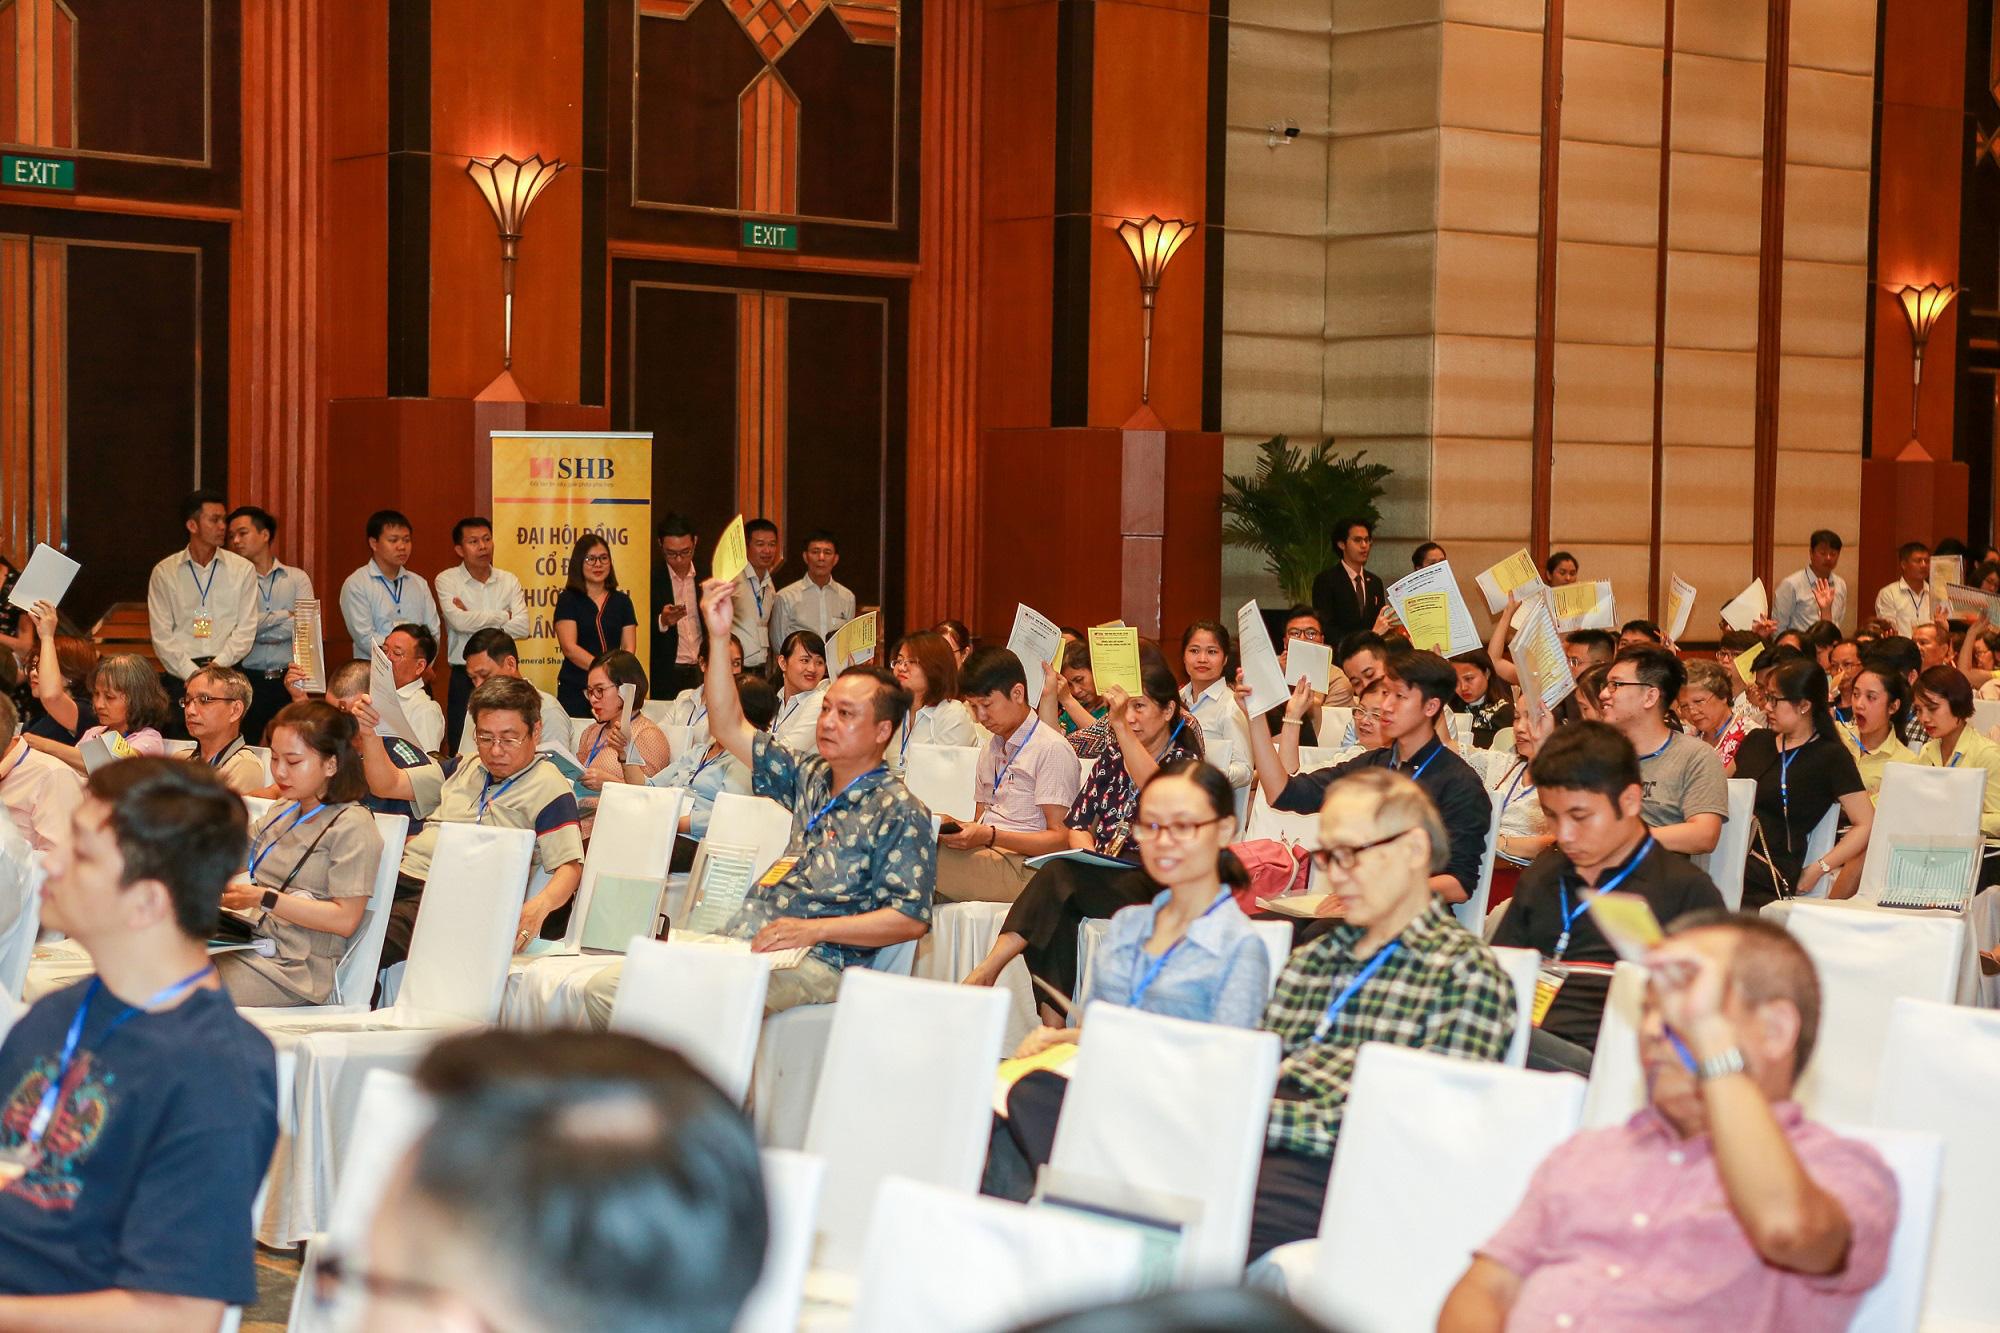 """Chủ tịch SHB Đỗ Quang Hiển """"tiết lộ"""" điều kiện lựa chọn nhà đầu tư cho SHB FC - Ảnh 1."""